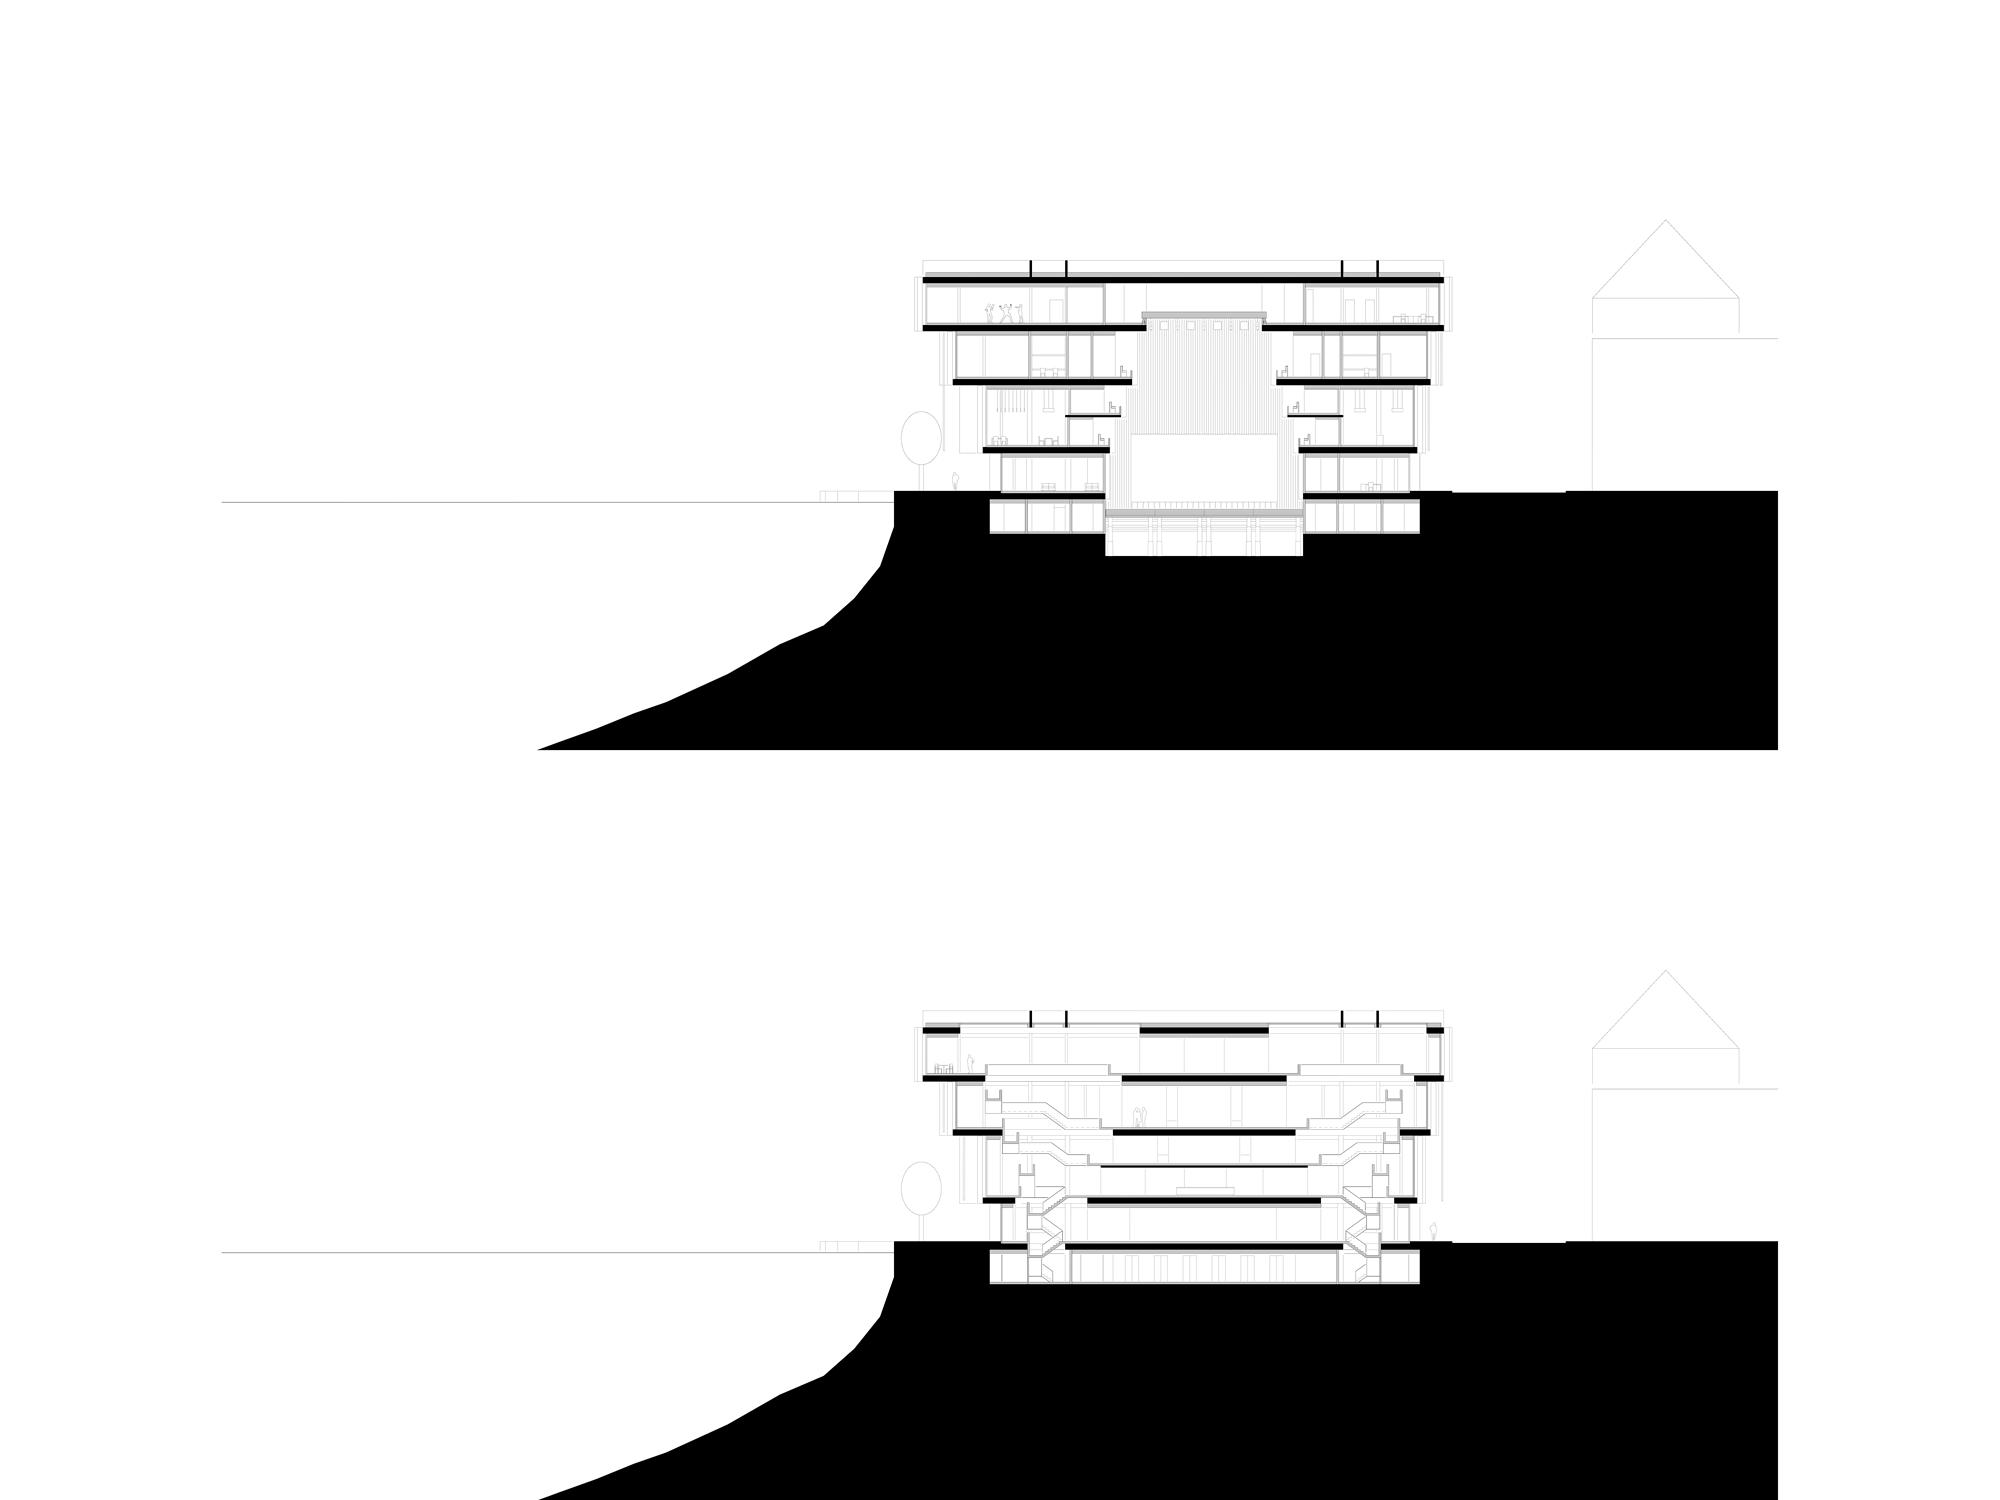 Querschnitt grosser Saal – Querschnitt Treppe